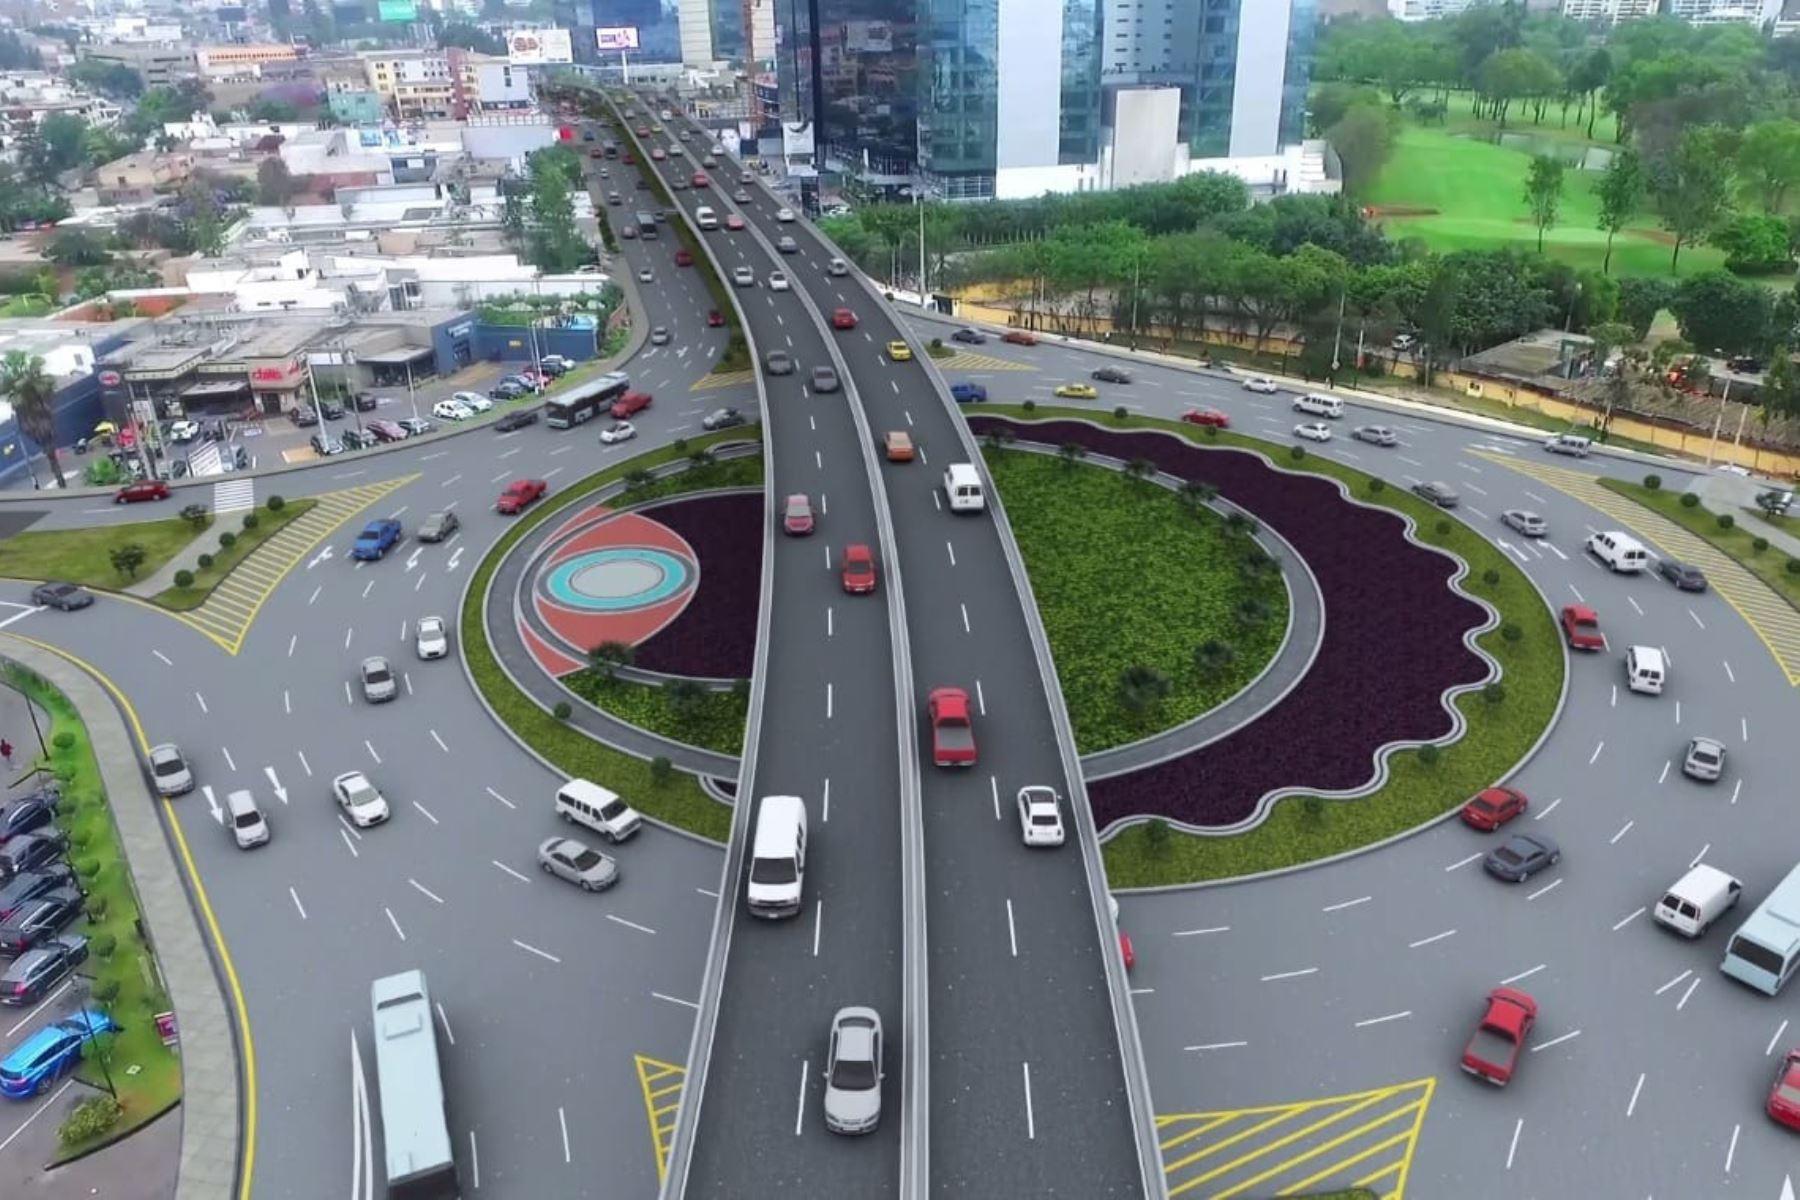 atencion-hoy-se-inicia-plan-de-desvio-vehicular-por-obras-en-ovalo-monitor-huascar